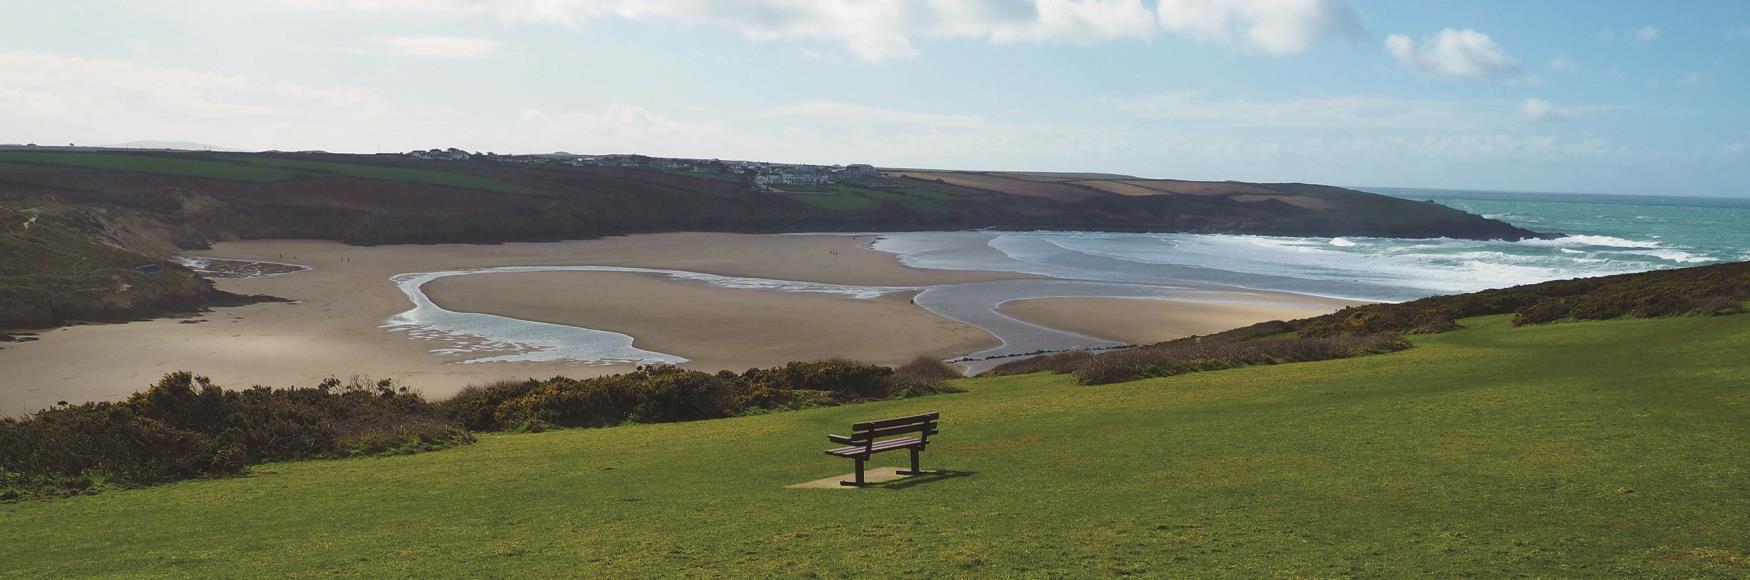 View Over Crantock Beach